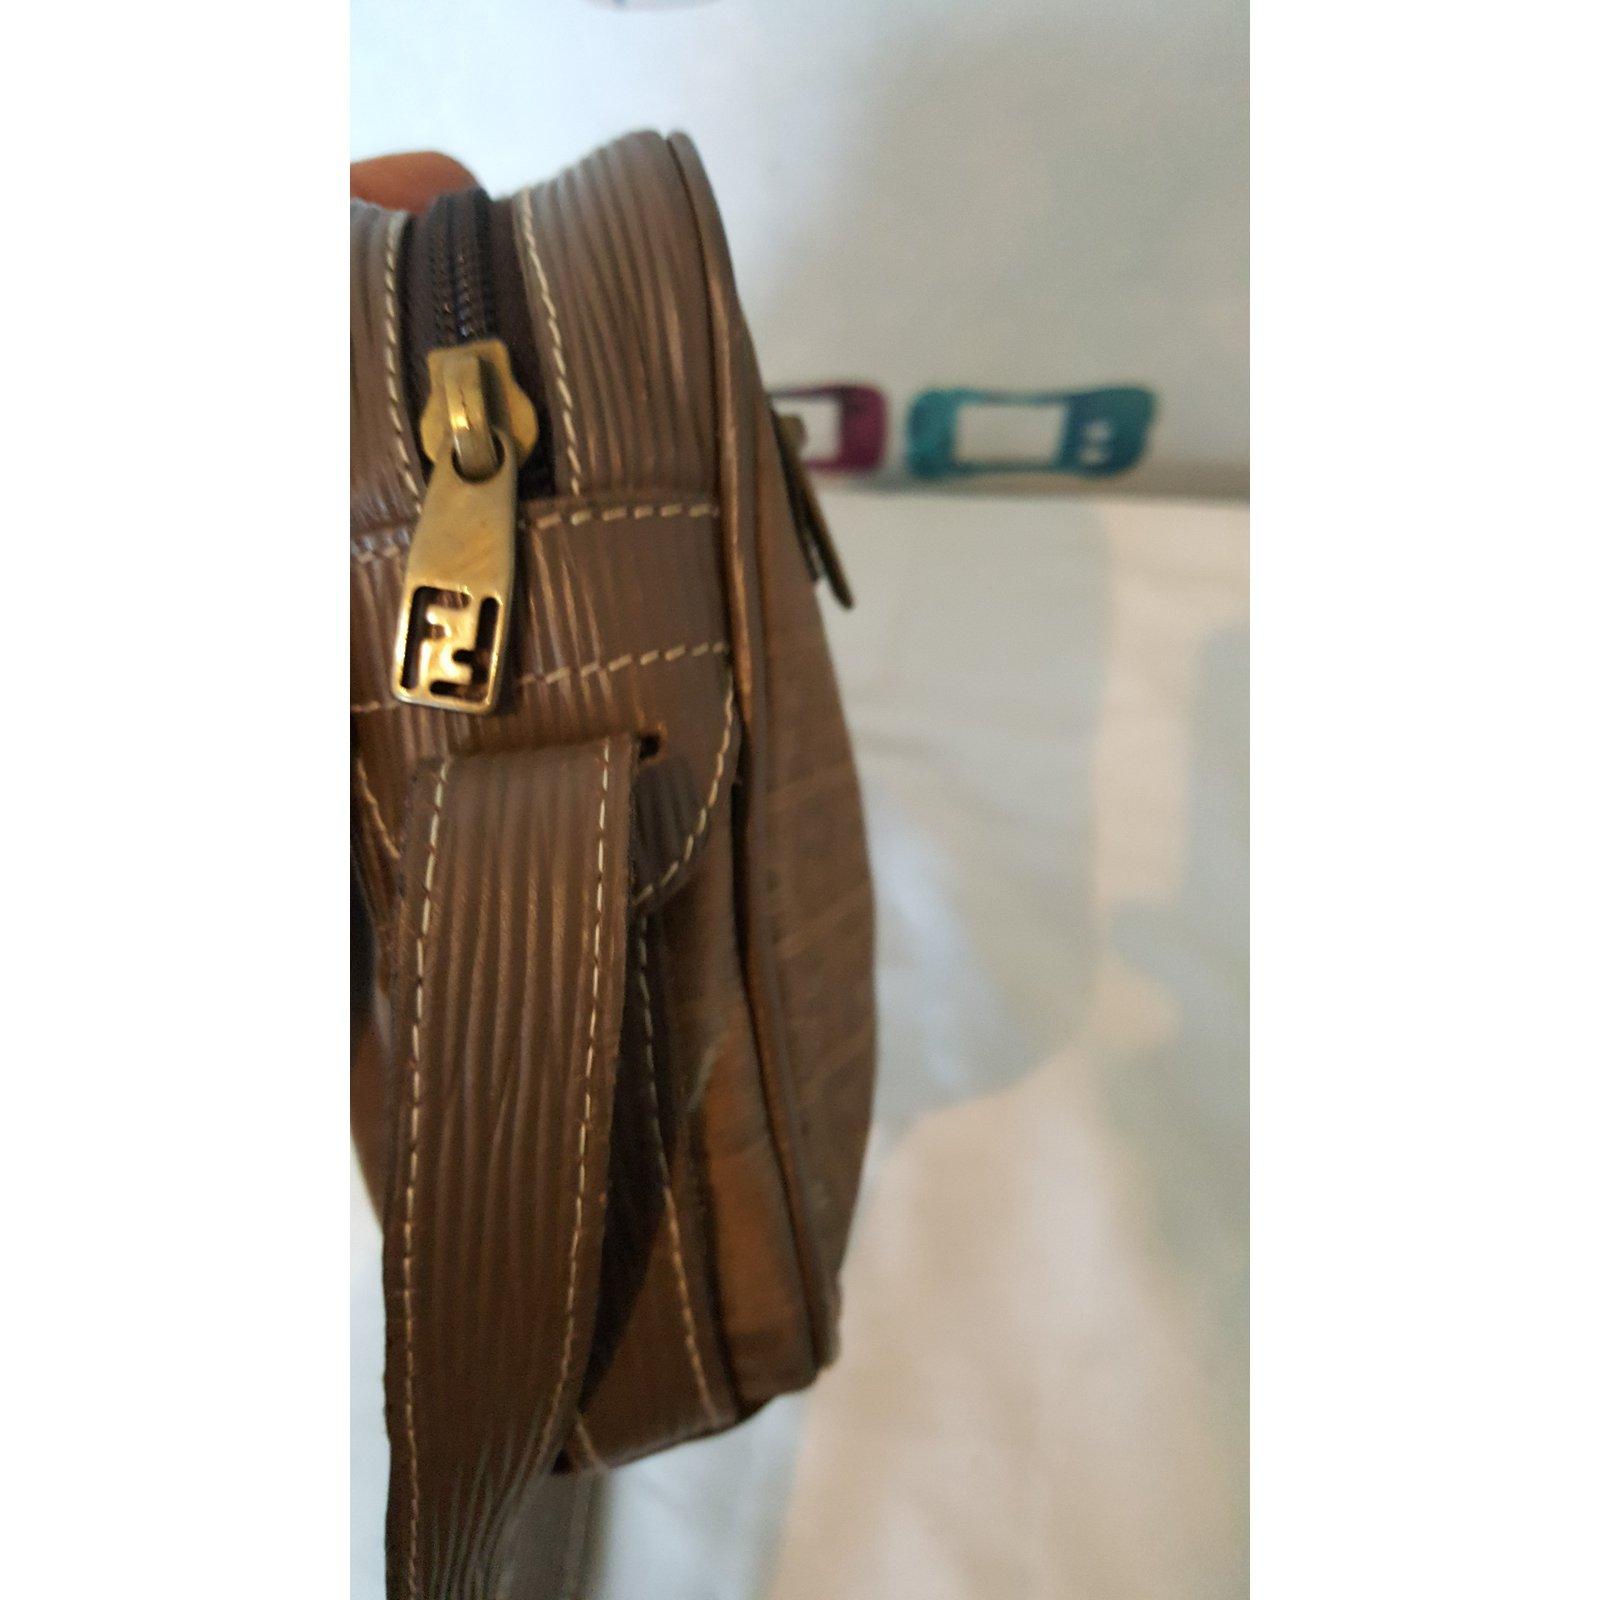 b5d6645f9e Fendi Bag Handbags Synthetic